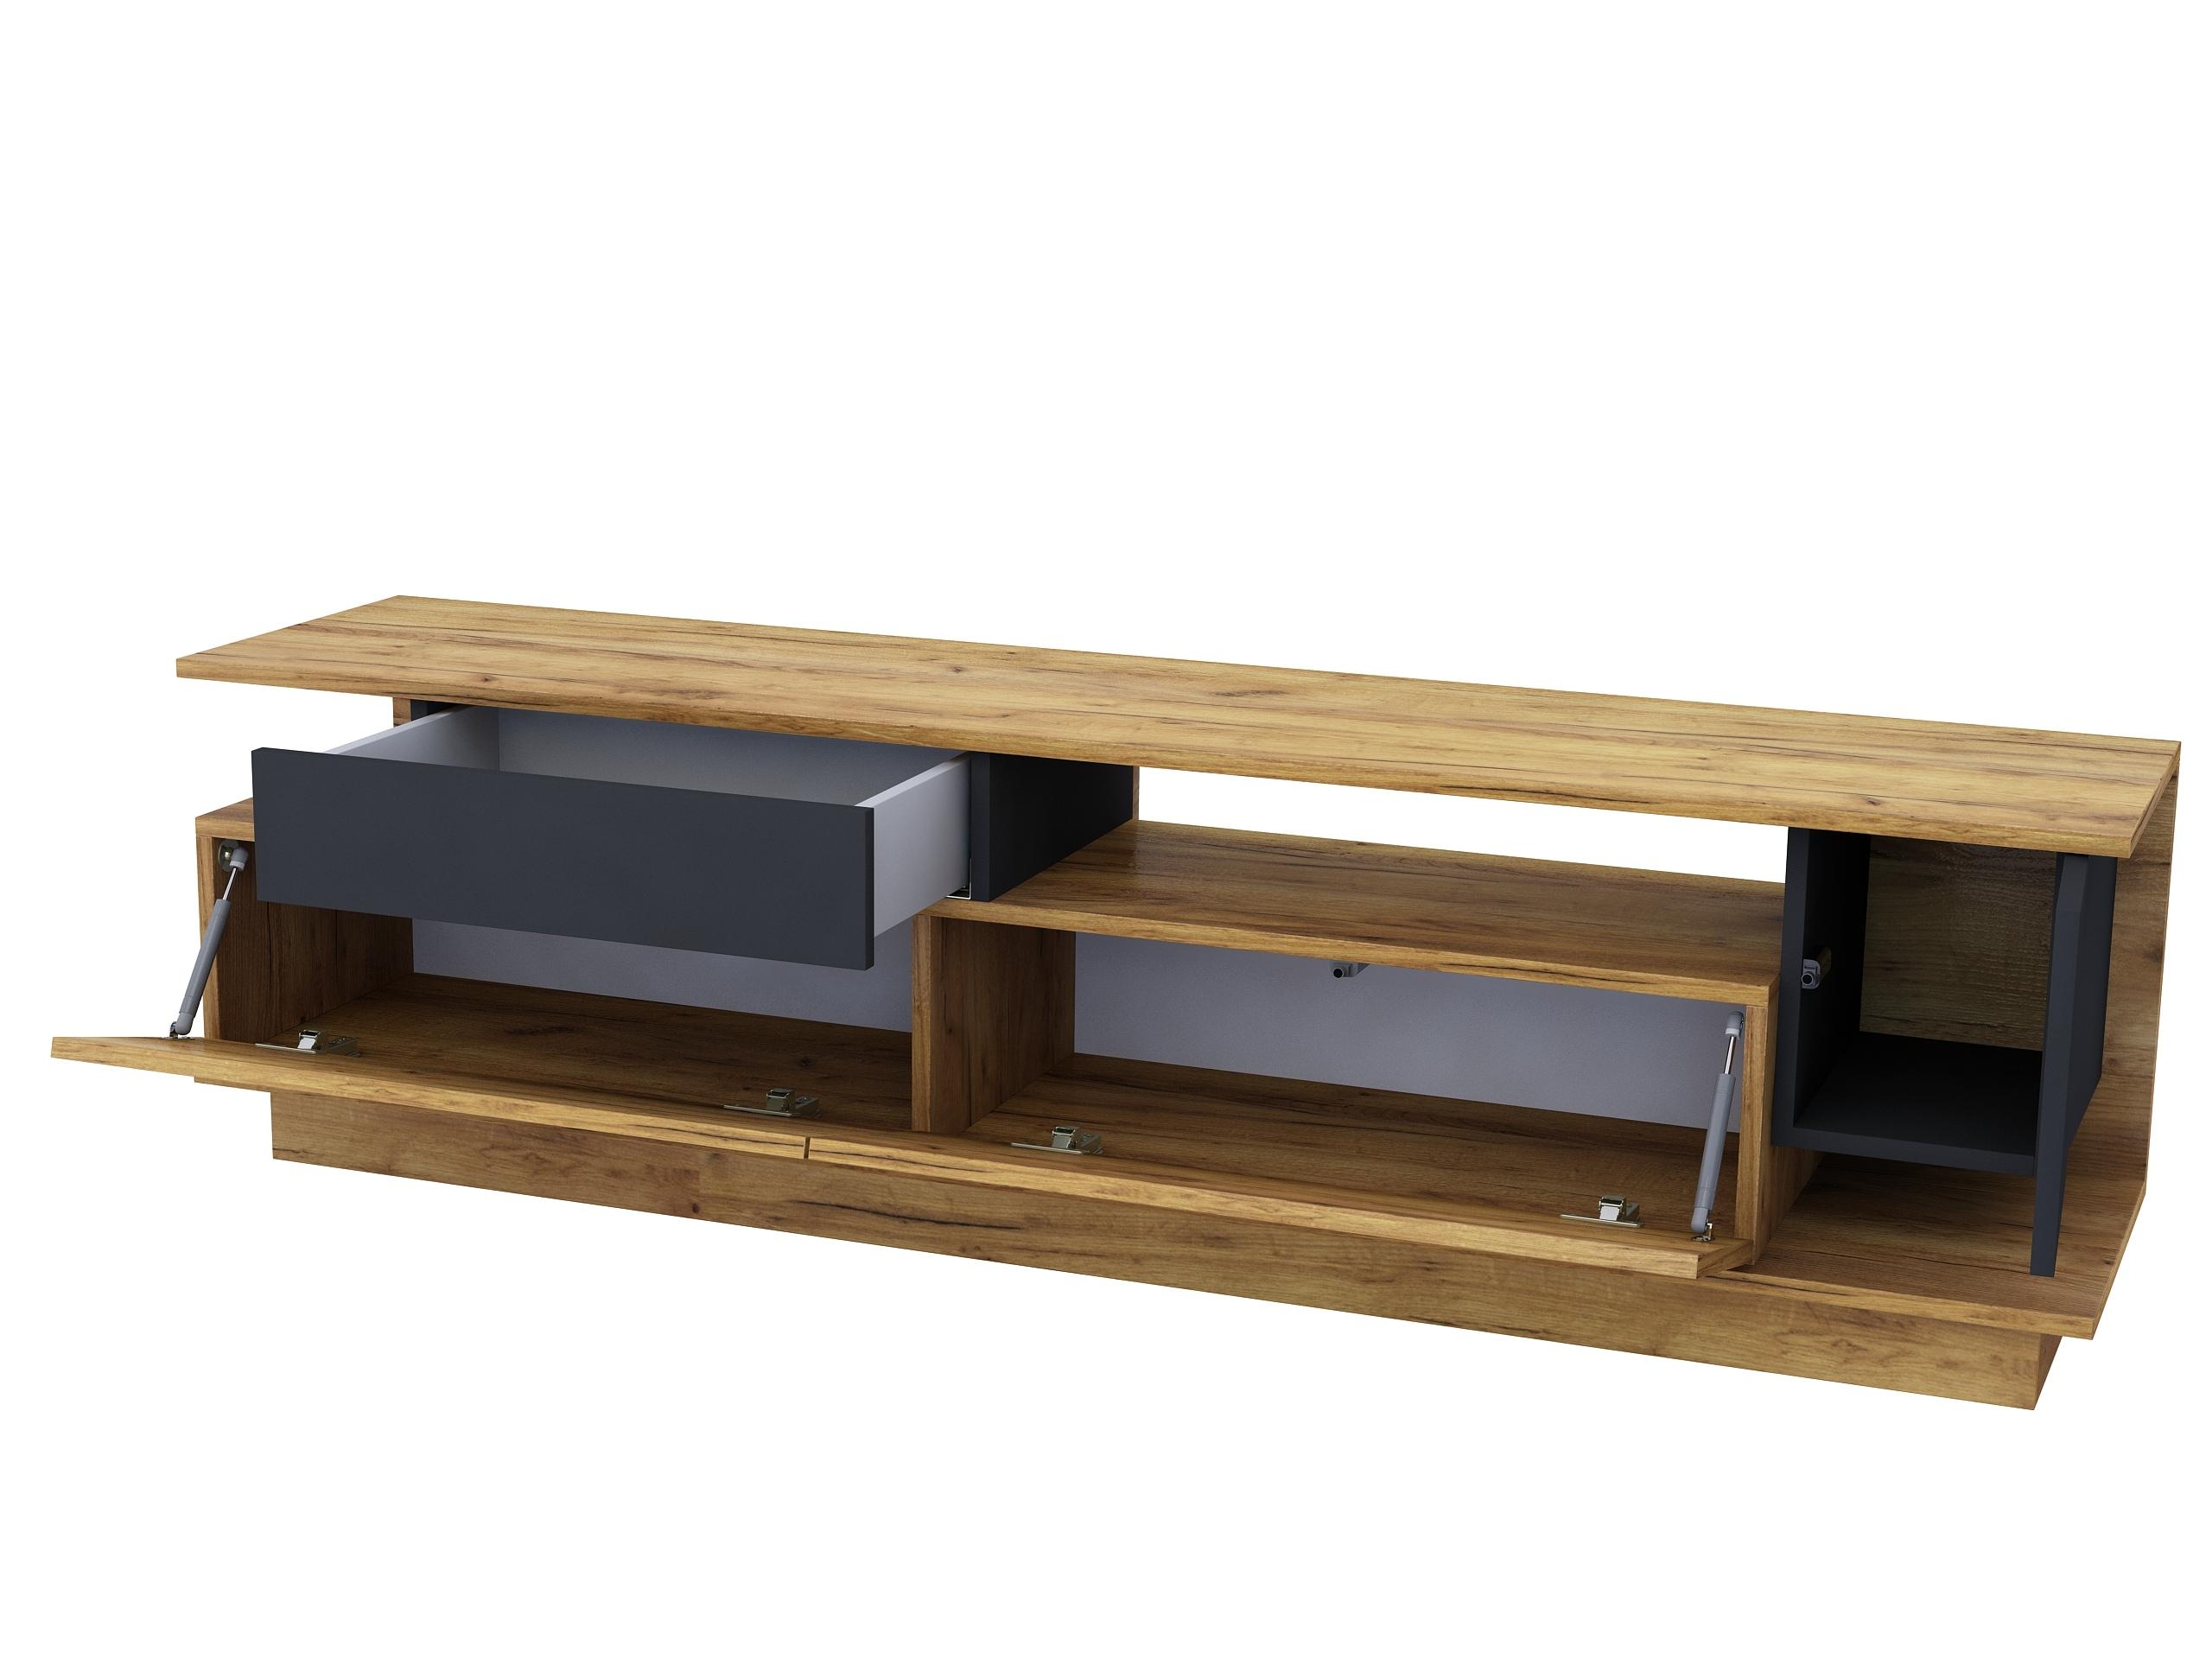 dąb złoty, industrialny, szuflada, mebel pod telewizor, czarny mat, do salony, kolor drewna.